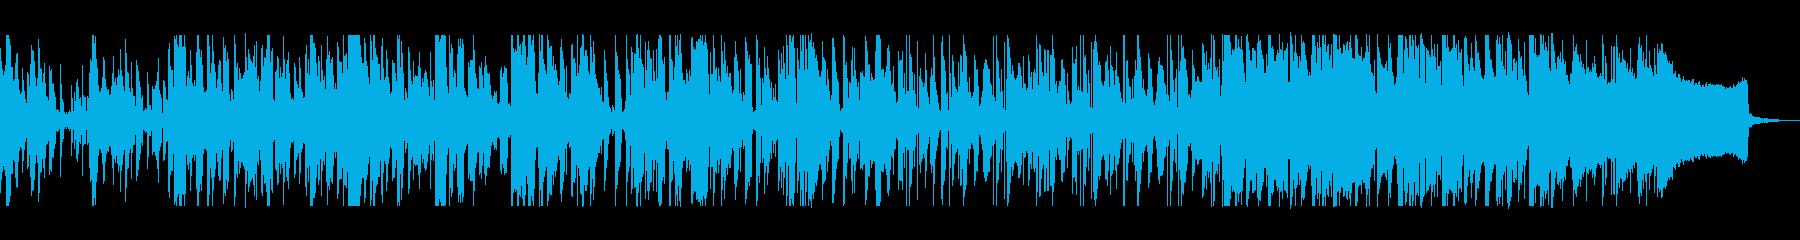 シリアスで切ないシンセサイザーポップスの再生済みの波形